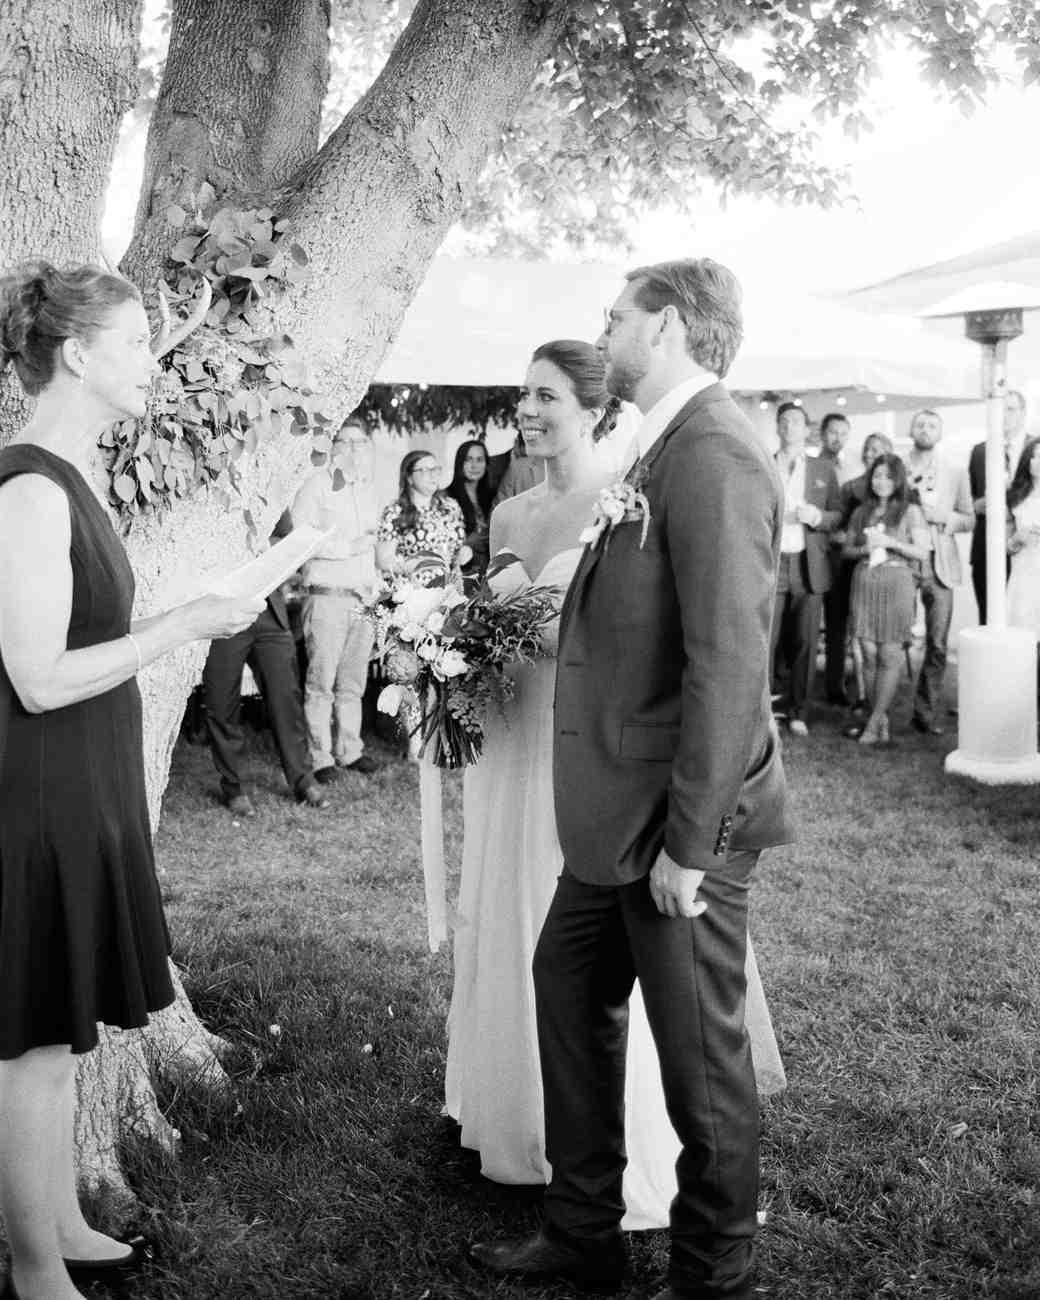 mackenzie-ian-wedding-ceremony-015-s112461-0116.jpg